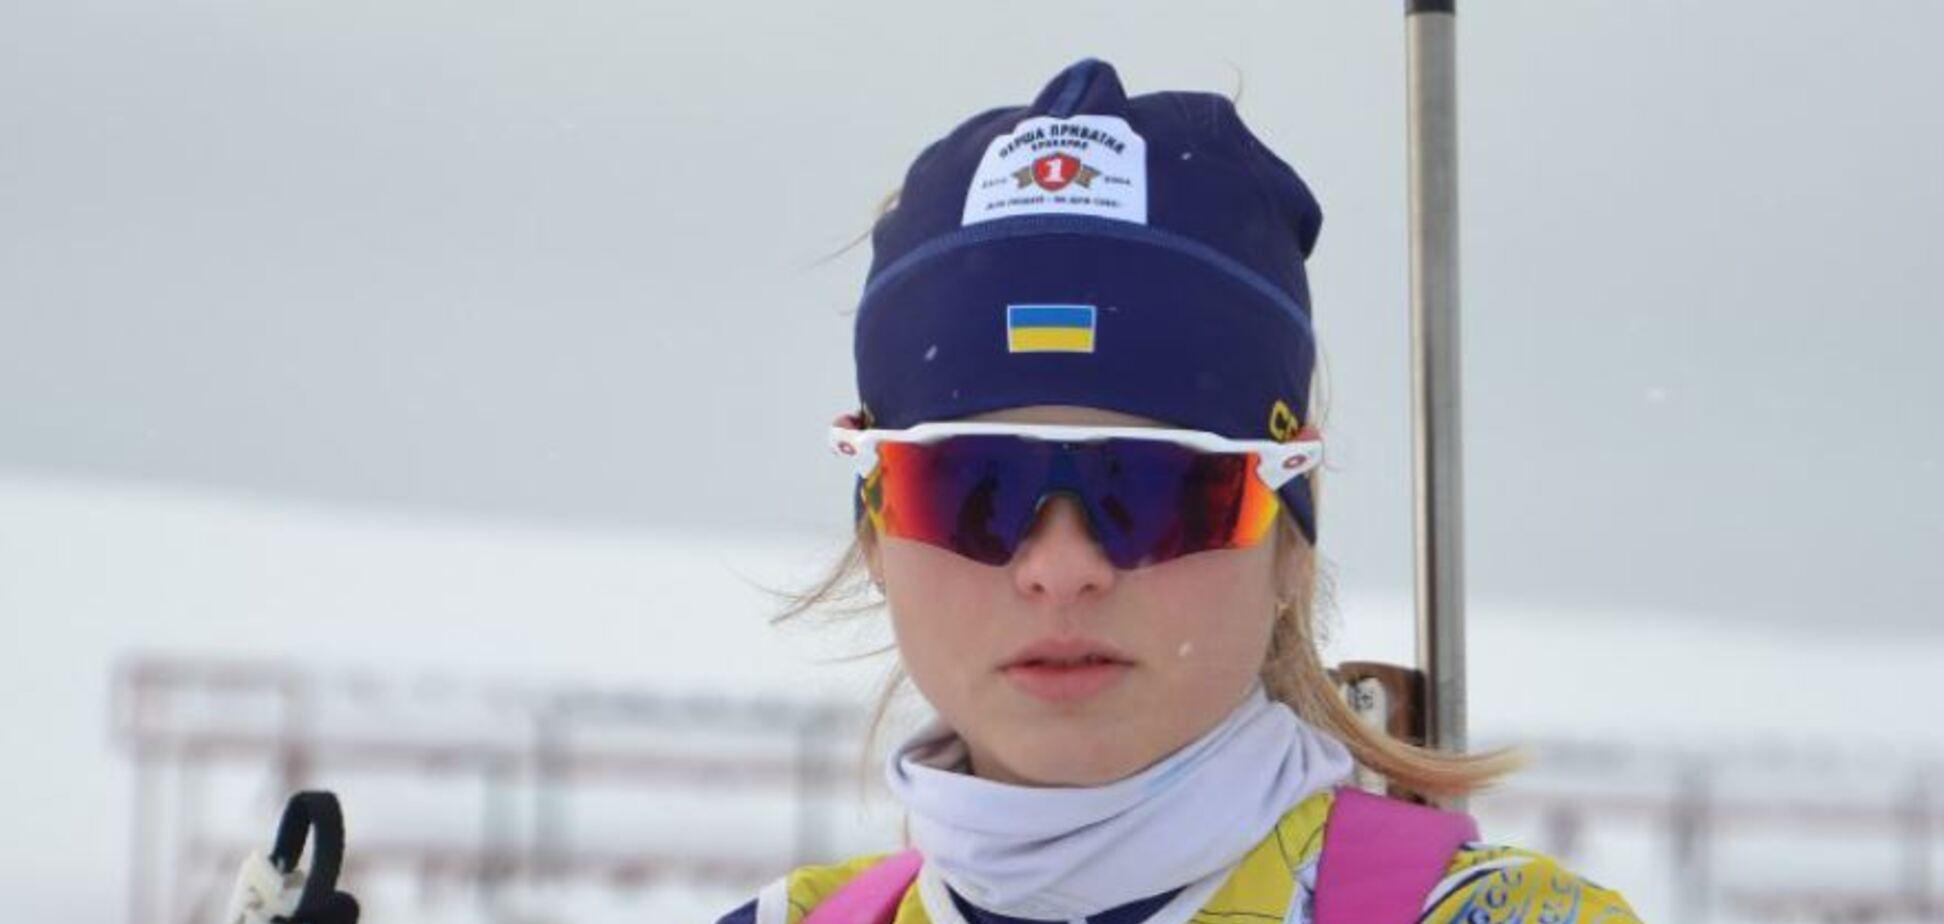 Отказалась от России: в сборной Украины произошло знаковое событие на КМ по биатлону